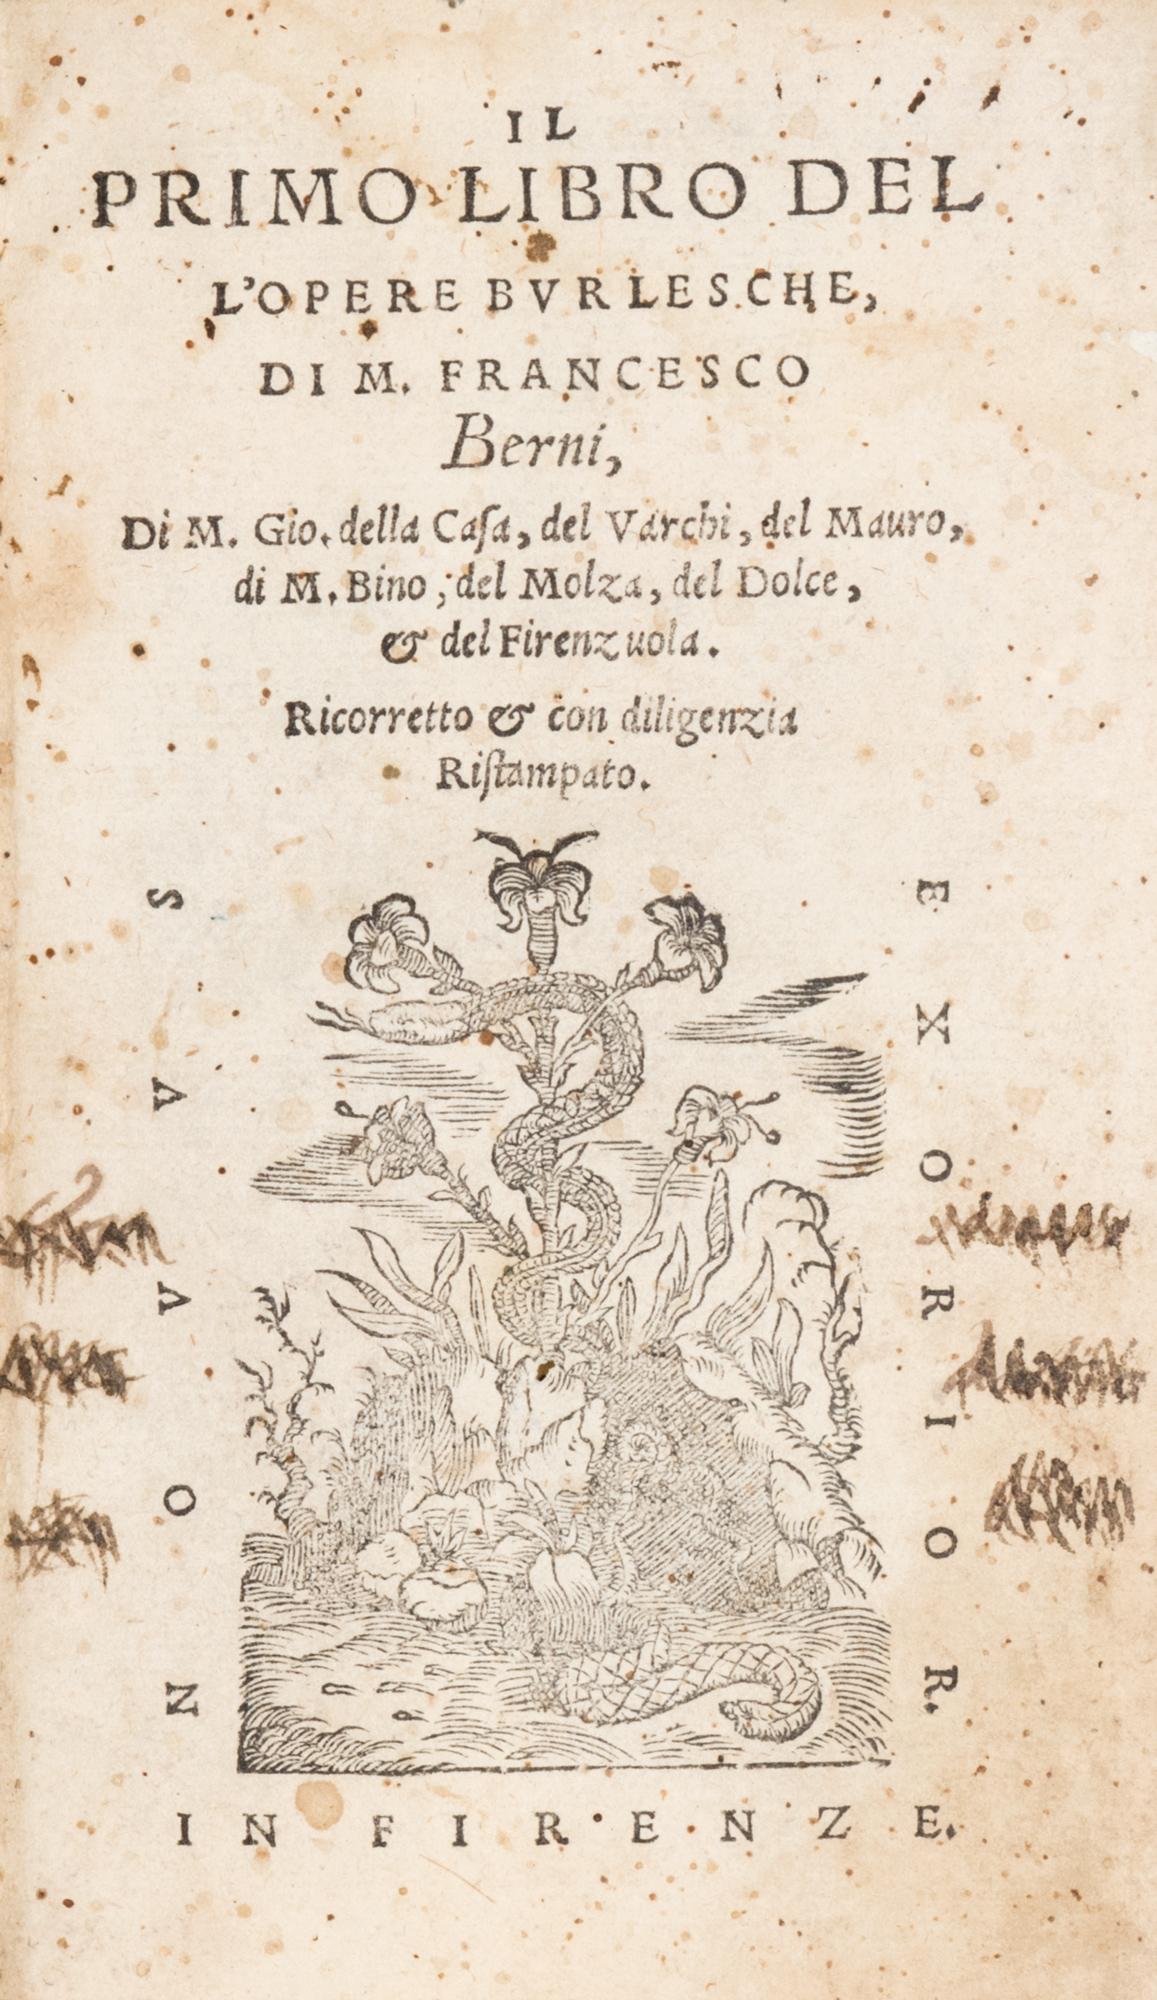 Il primo libro dell'Opere burlesche